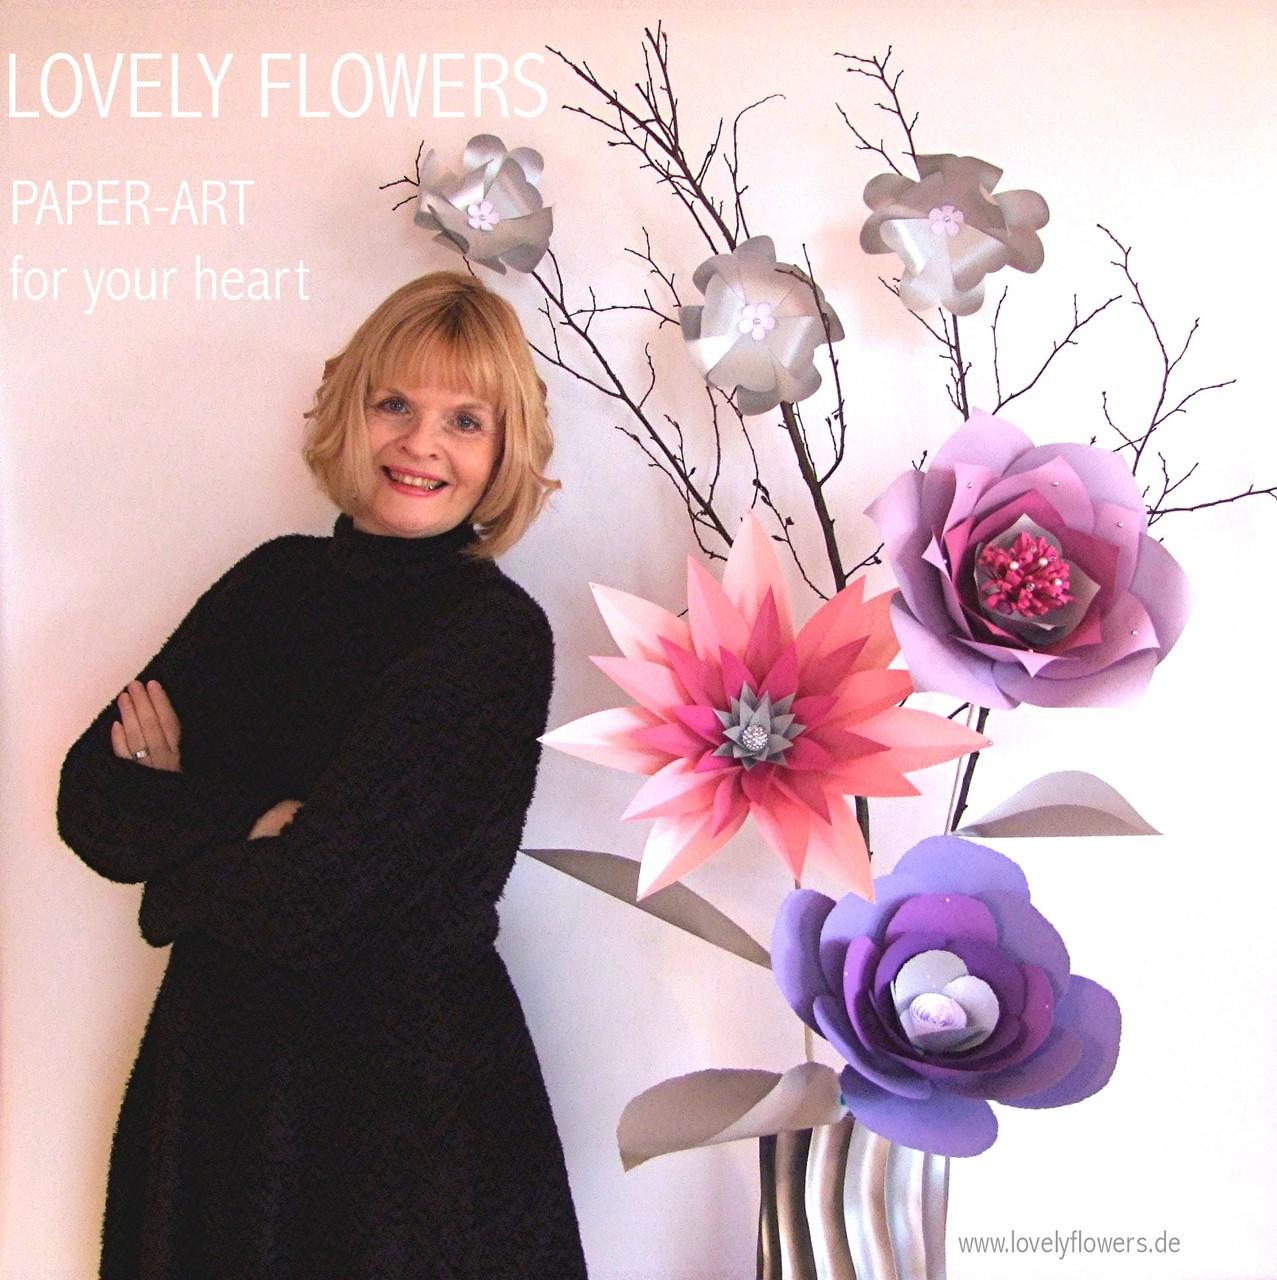 Paper-Art Großvasendekoration von www.lovelyflowers.de Chef-Paper-Artist Sabine Vöpel-Kramer von für die Winterhochzeit in der Residenz zu Salzburg/Österreich